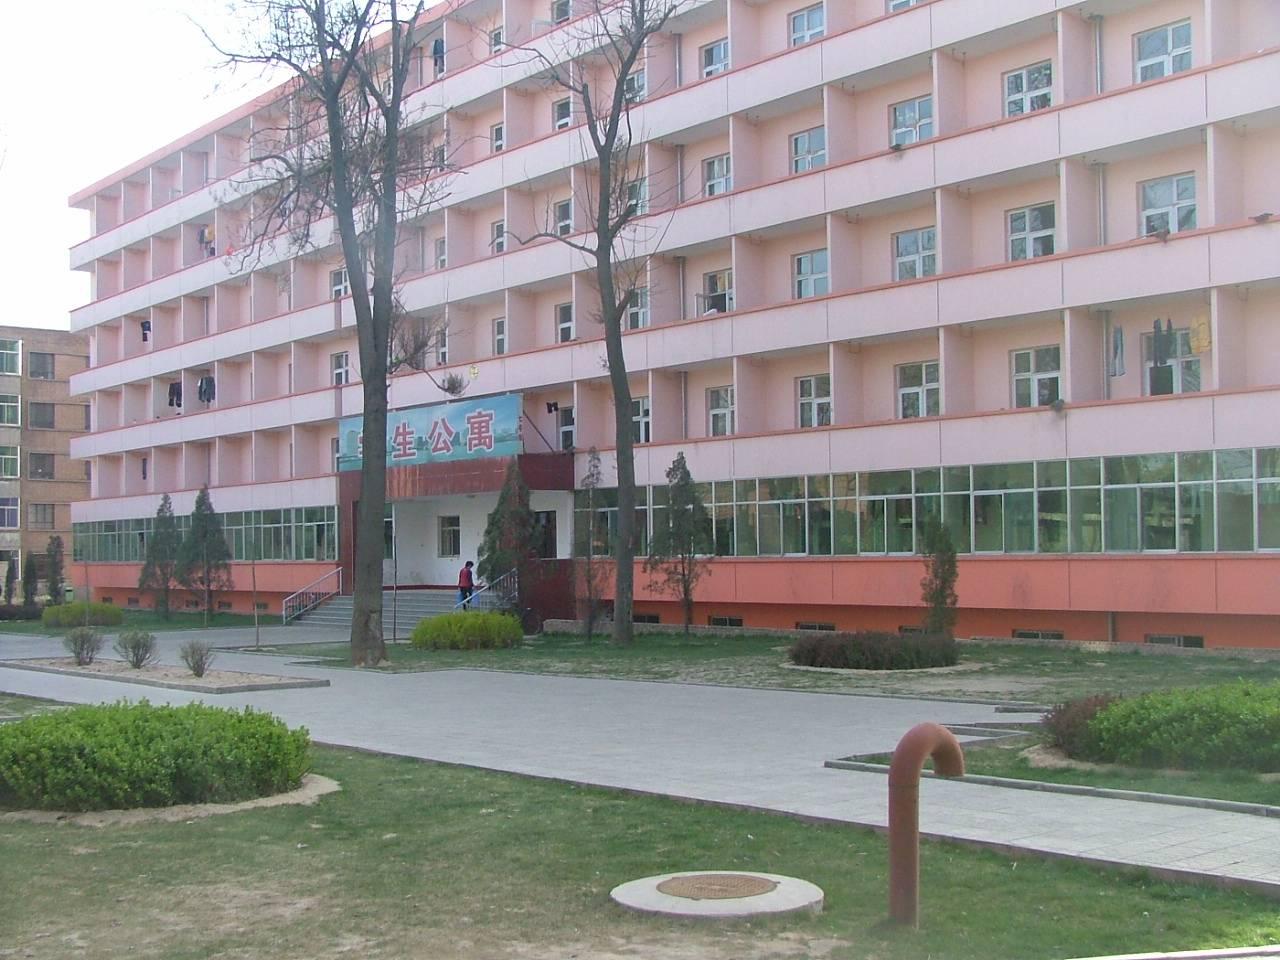 黑龙江煤炭职业技术学院宿舍怎么样